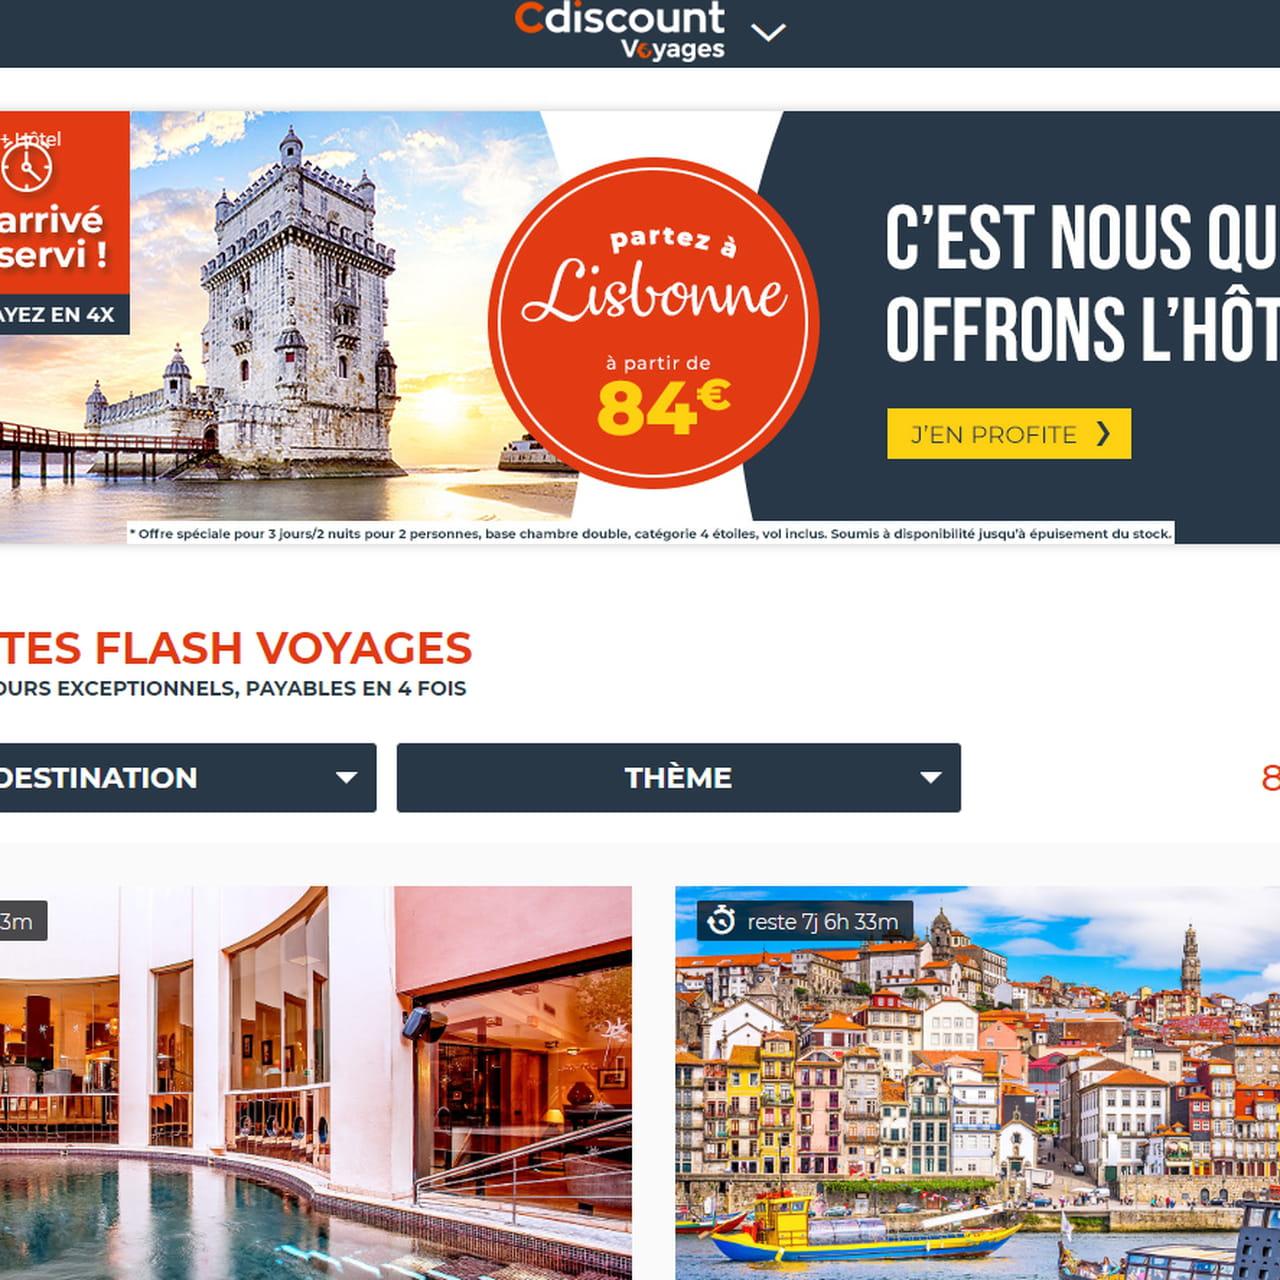 Carte De Noel Cdiscount.Cdiscount Voyages Offres Prix Est Ce Moins Cher Qu